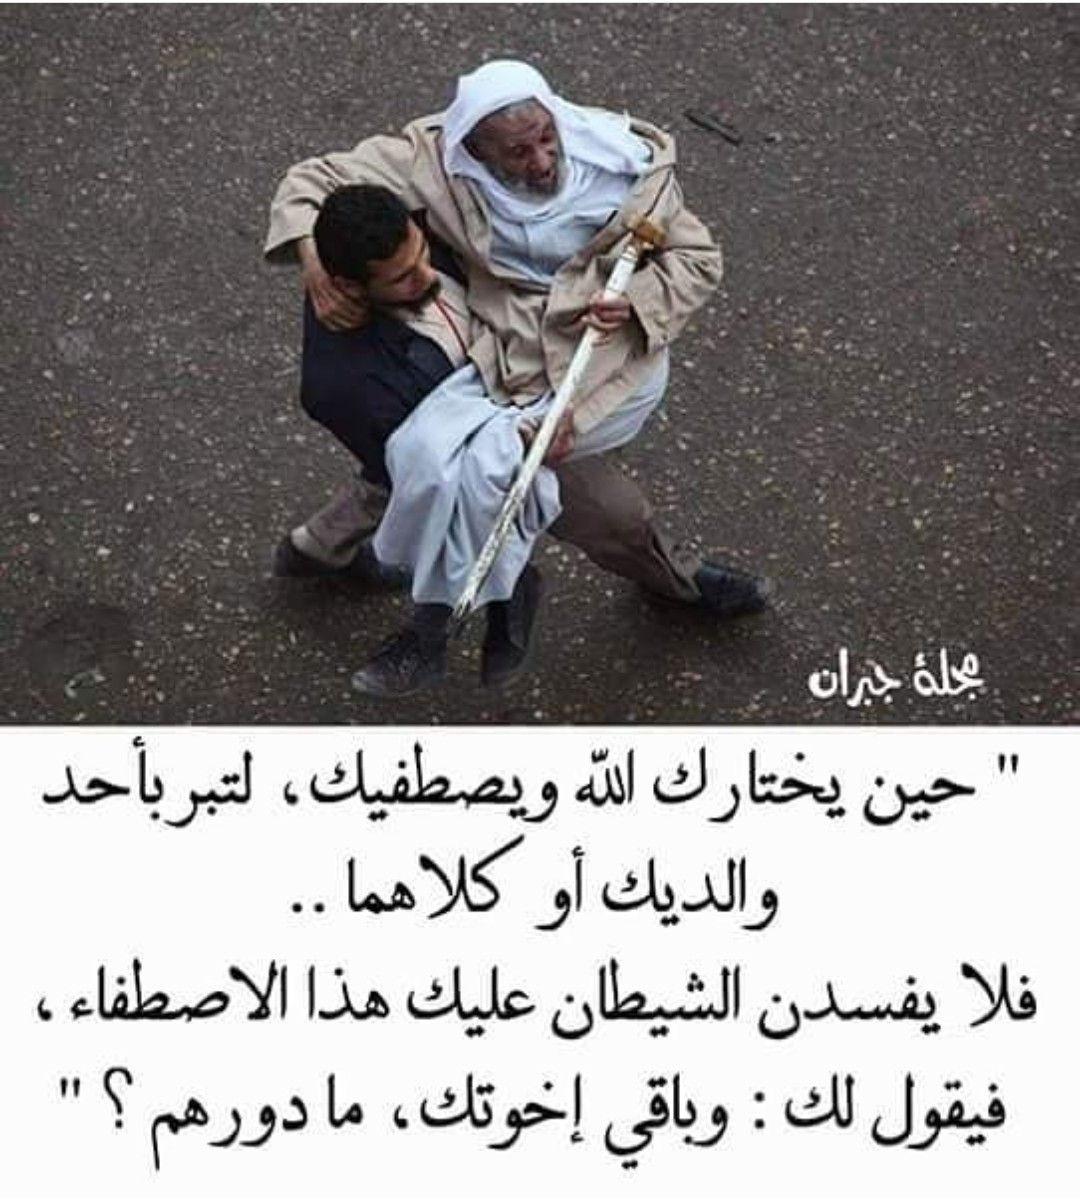 الأم والأب من أعظم نعم الله علينا اللهم ارحم امي وابي Funny Quotes Quotations Arabic Words